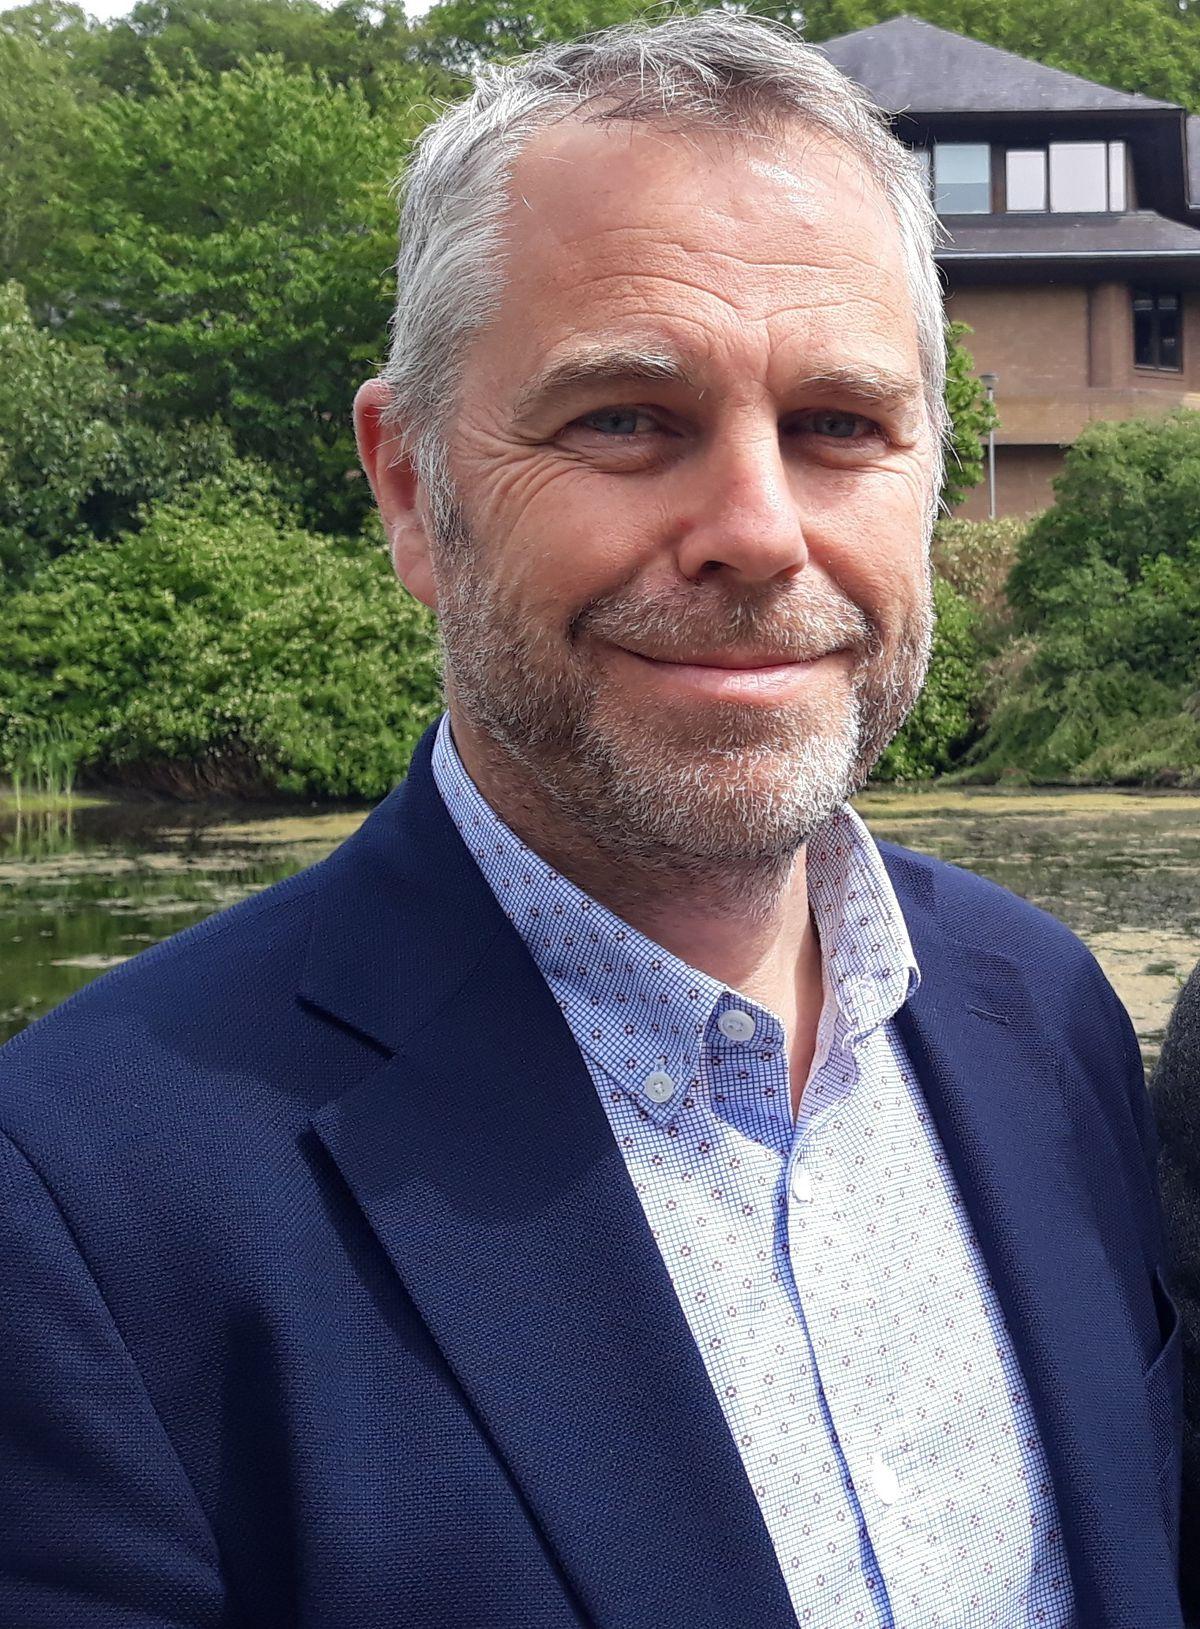 Cllr Elwyn Vaughan, Plaid Cymru group leader on Powys County Council